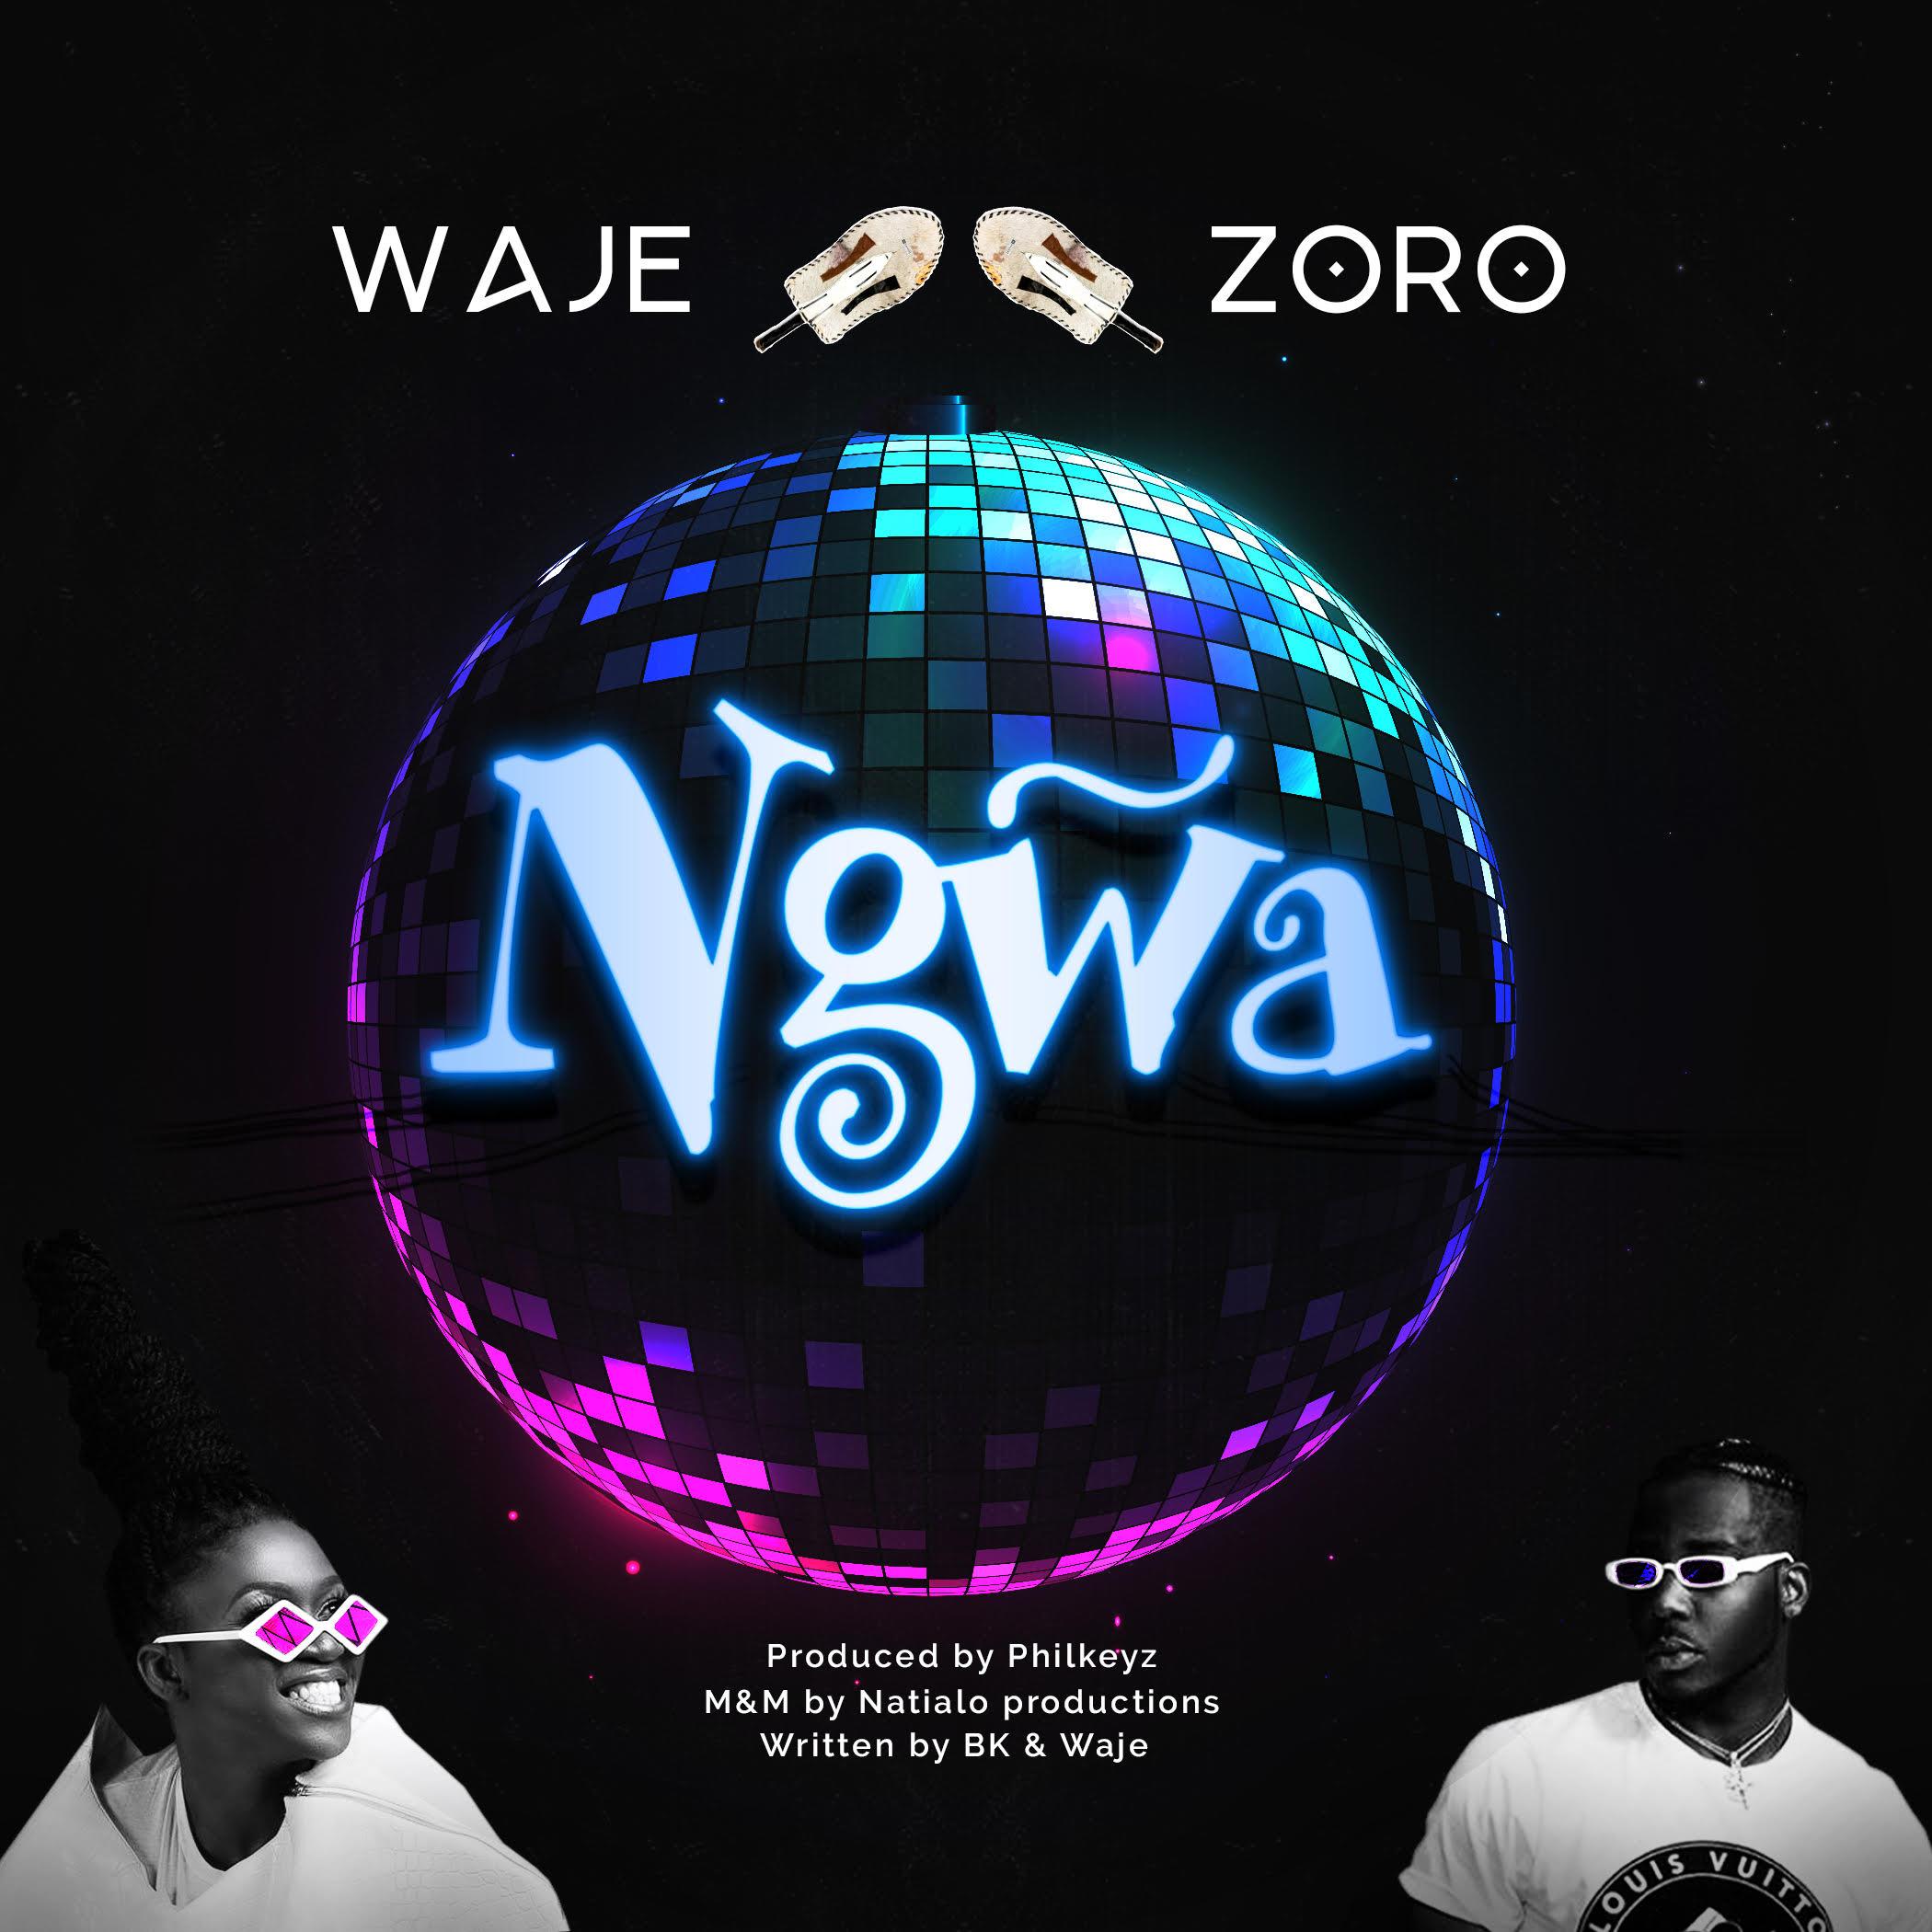 Waje x Zoro - Ngwa - download mp3